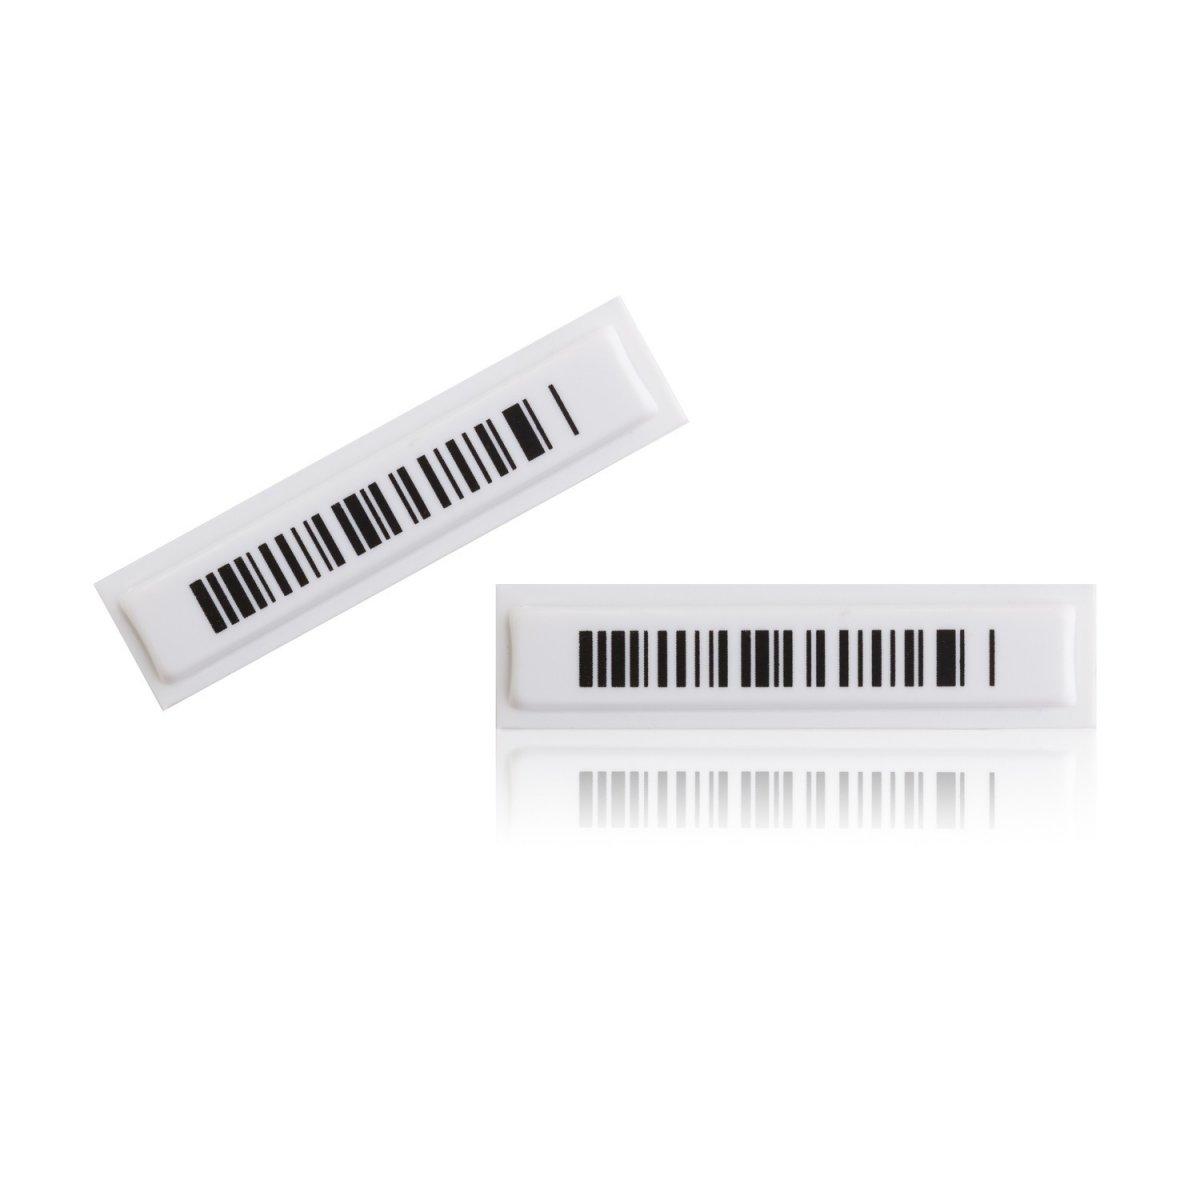 Alarme adesivo acústico magnético com código de barras